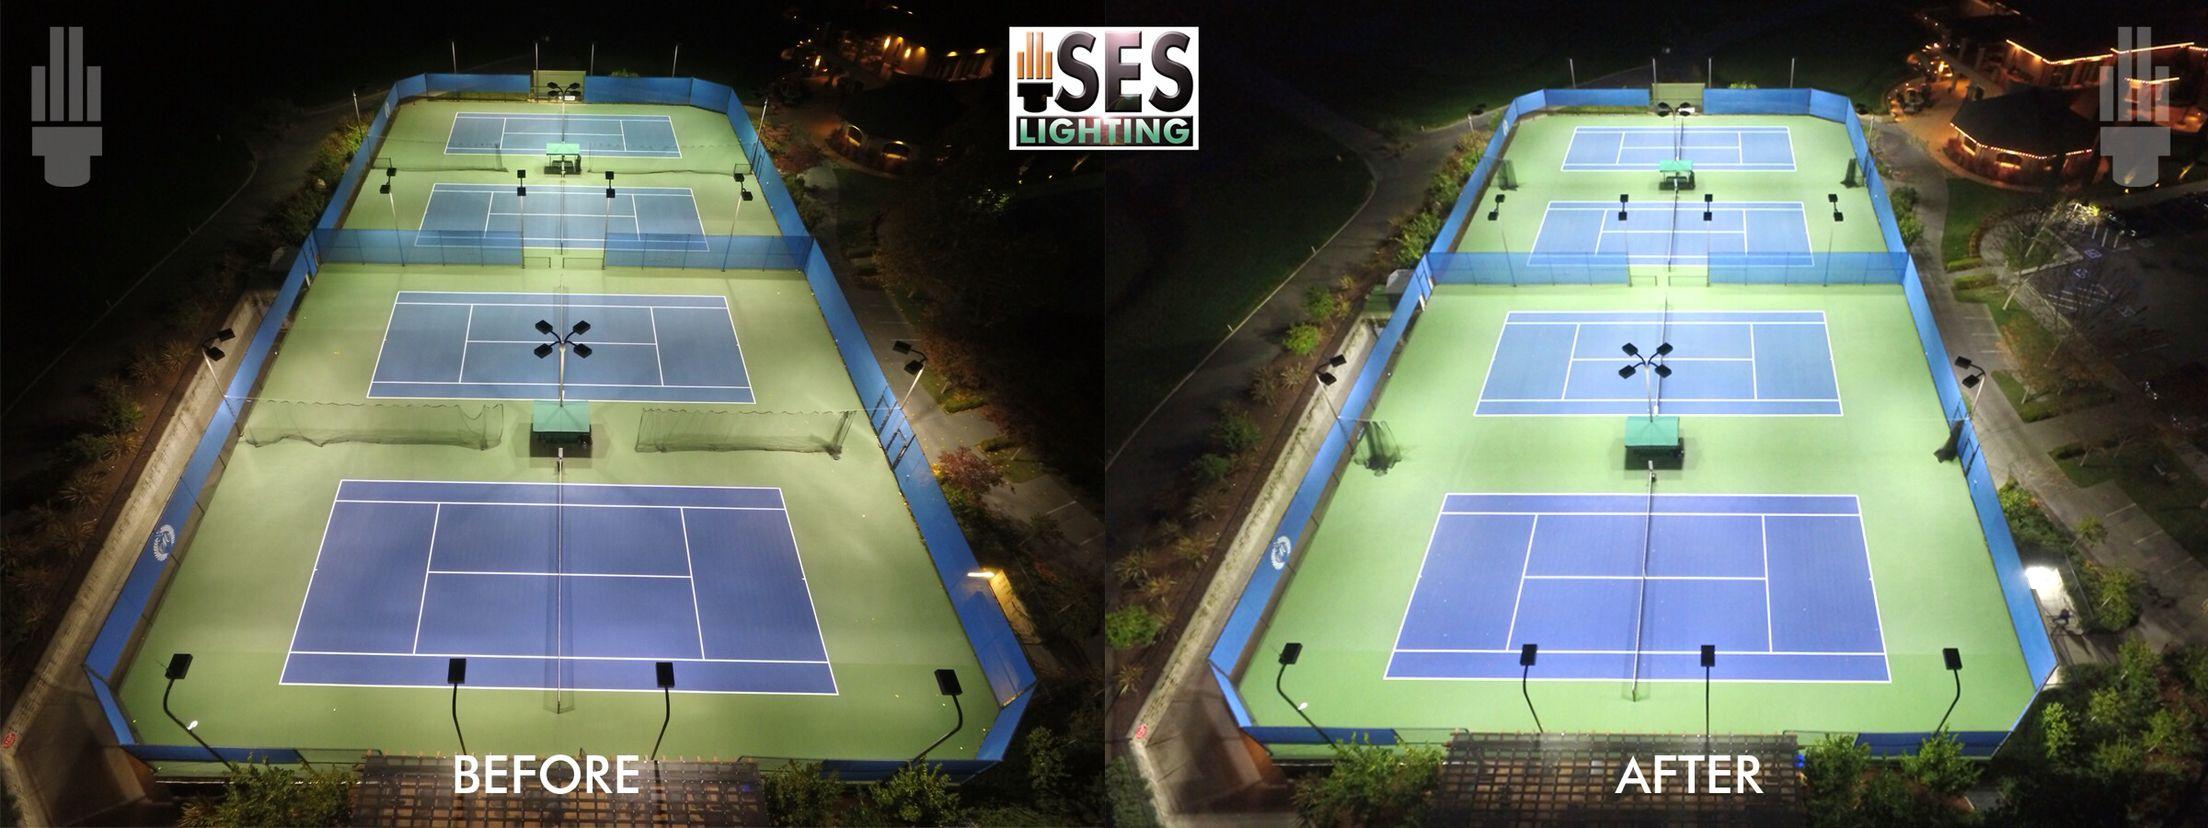 Ses Lighting Retrofits Tennis Court And Drastically